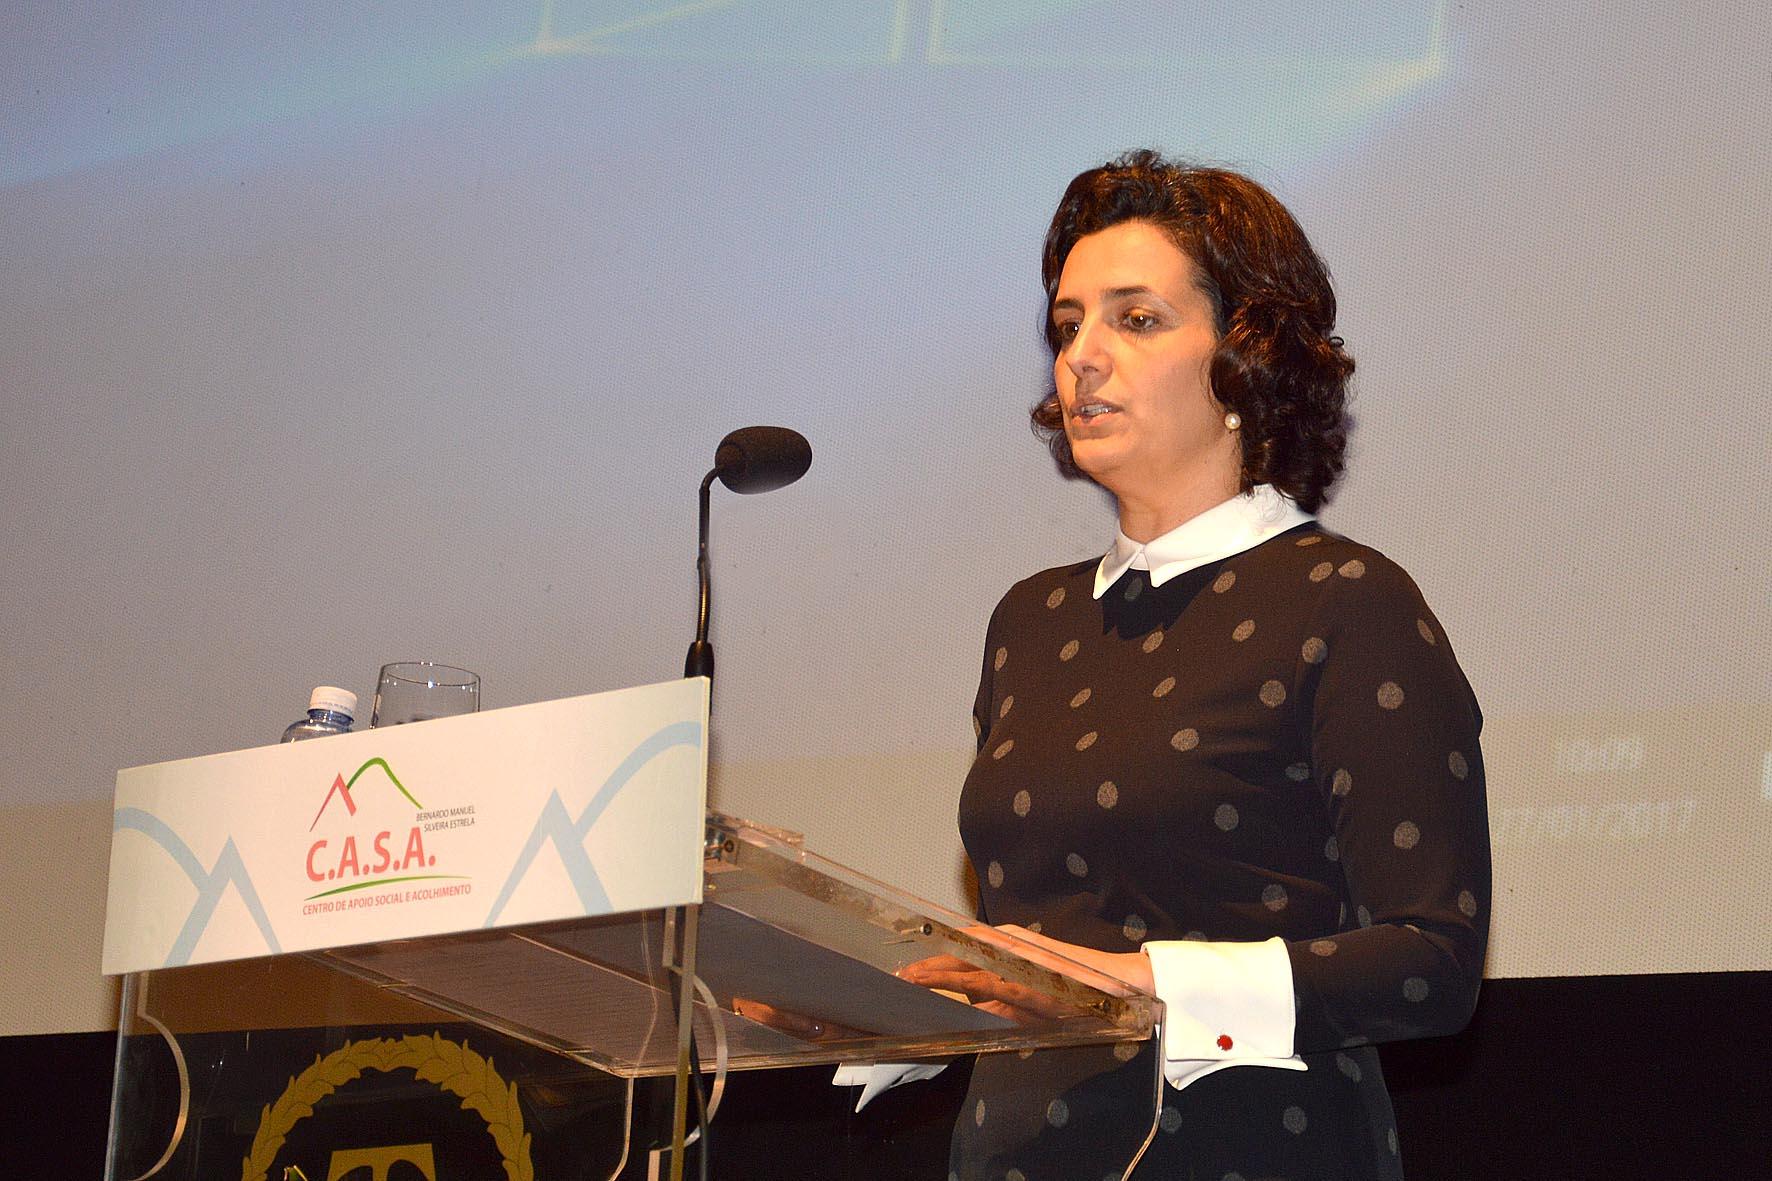 Governo dos Açores investiu 22 milhões de euros em respostas sociais de apoio à infância e juventude